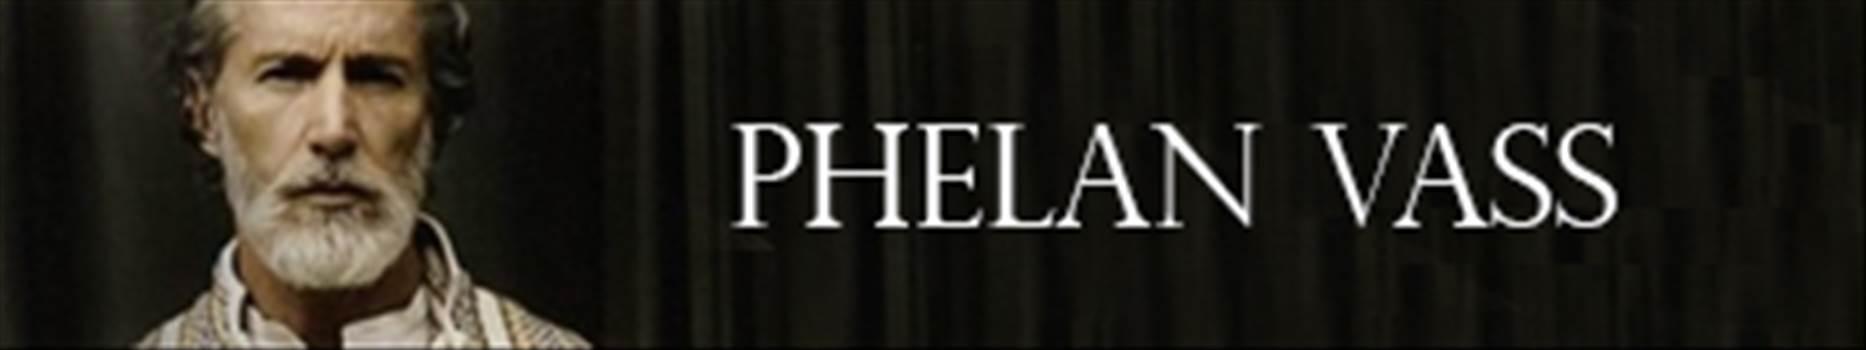 vangelis-phelan.jpg by shoresofelysium